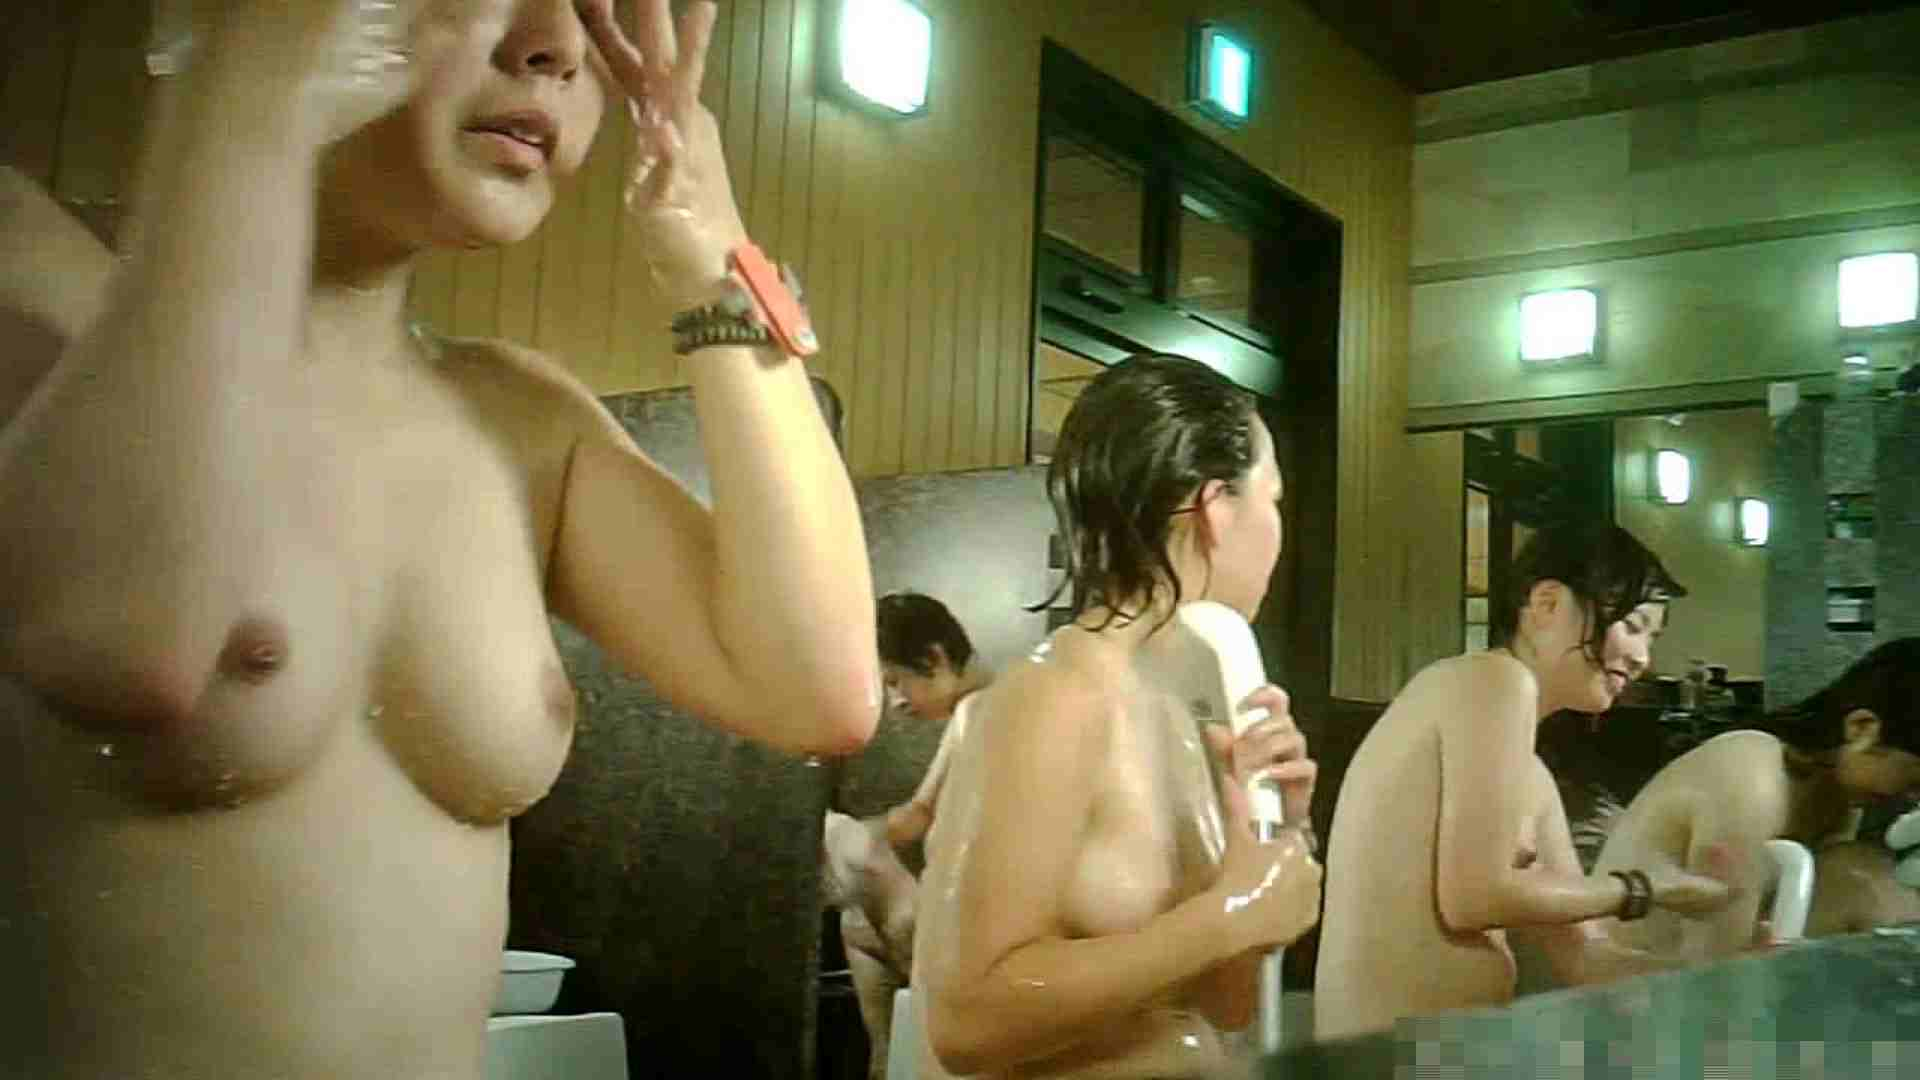 手を染めてしまった女性盗撮師の女風呂潜入記 vol.007 女風呂 エロ画像 104pic 75